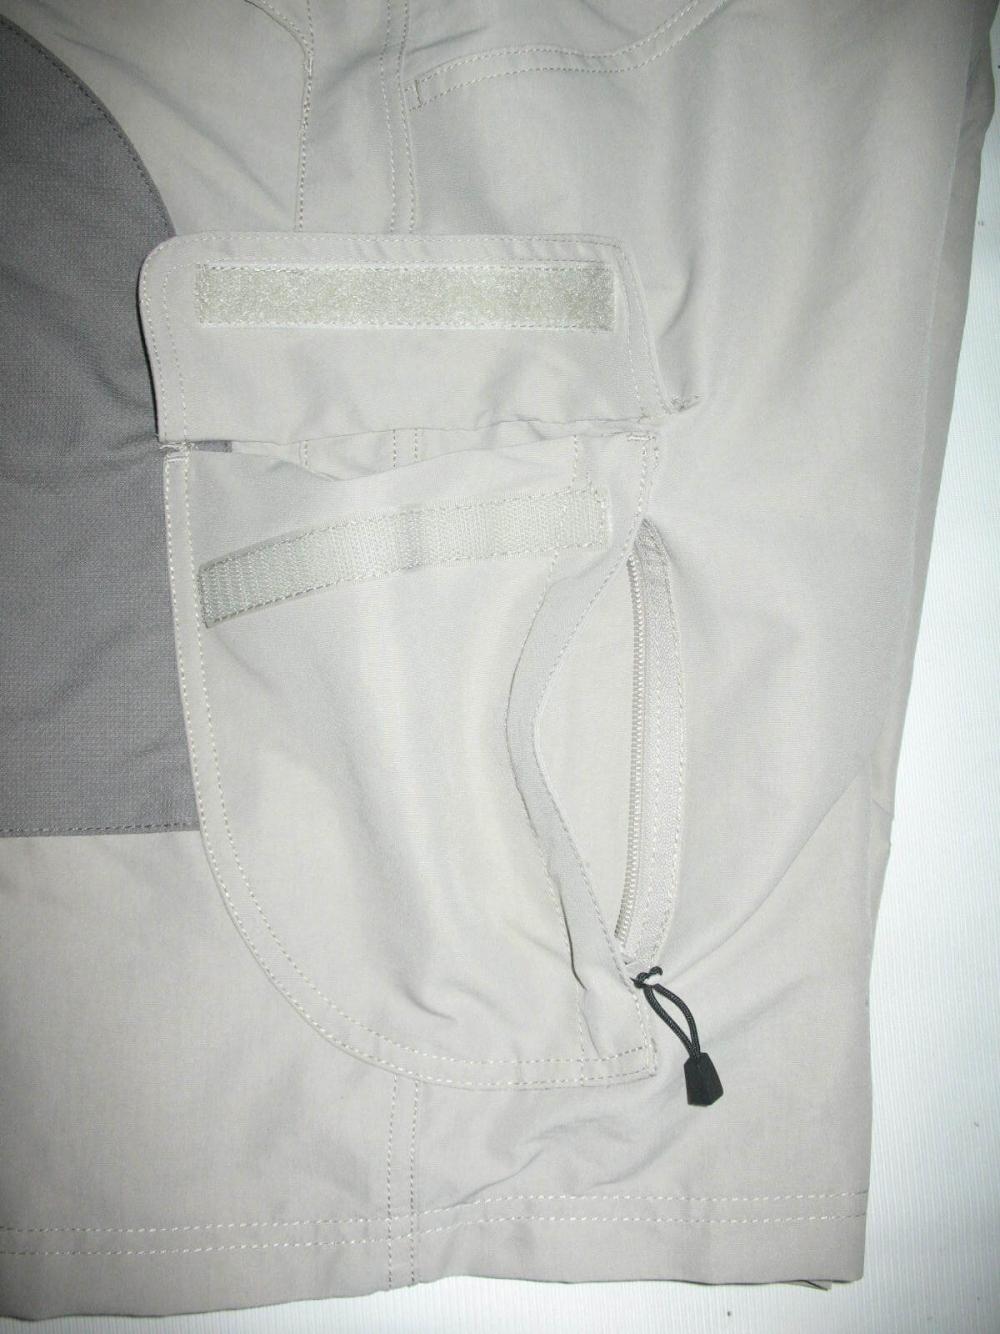 Шорты MUSTO evolution performance yachting shorts (размер 32/M) - 7